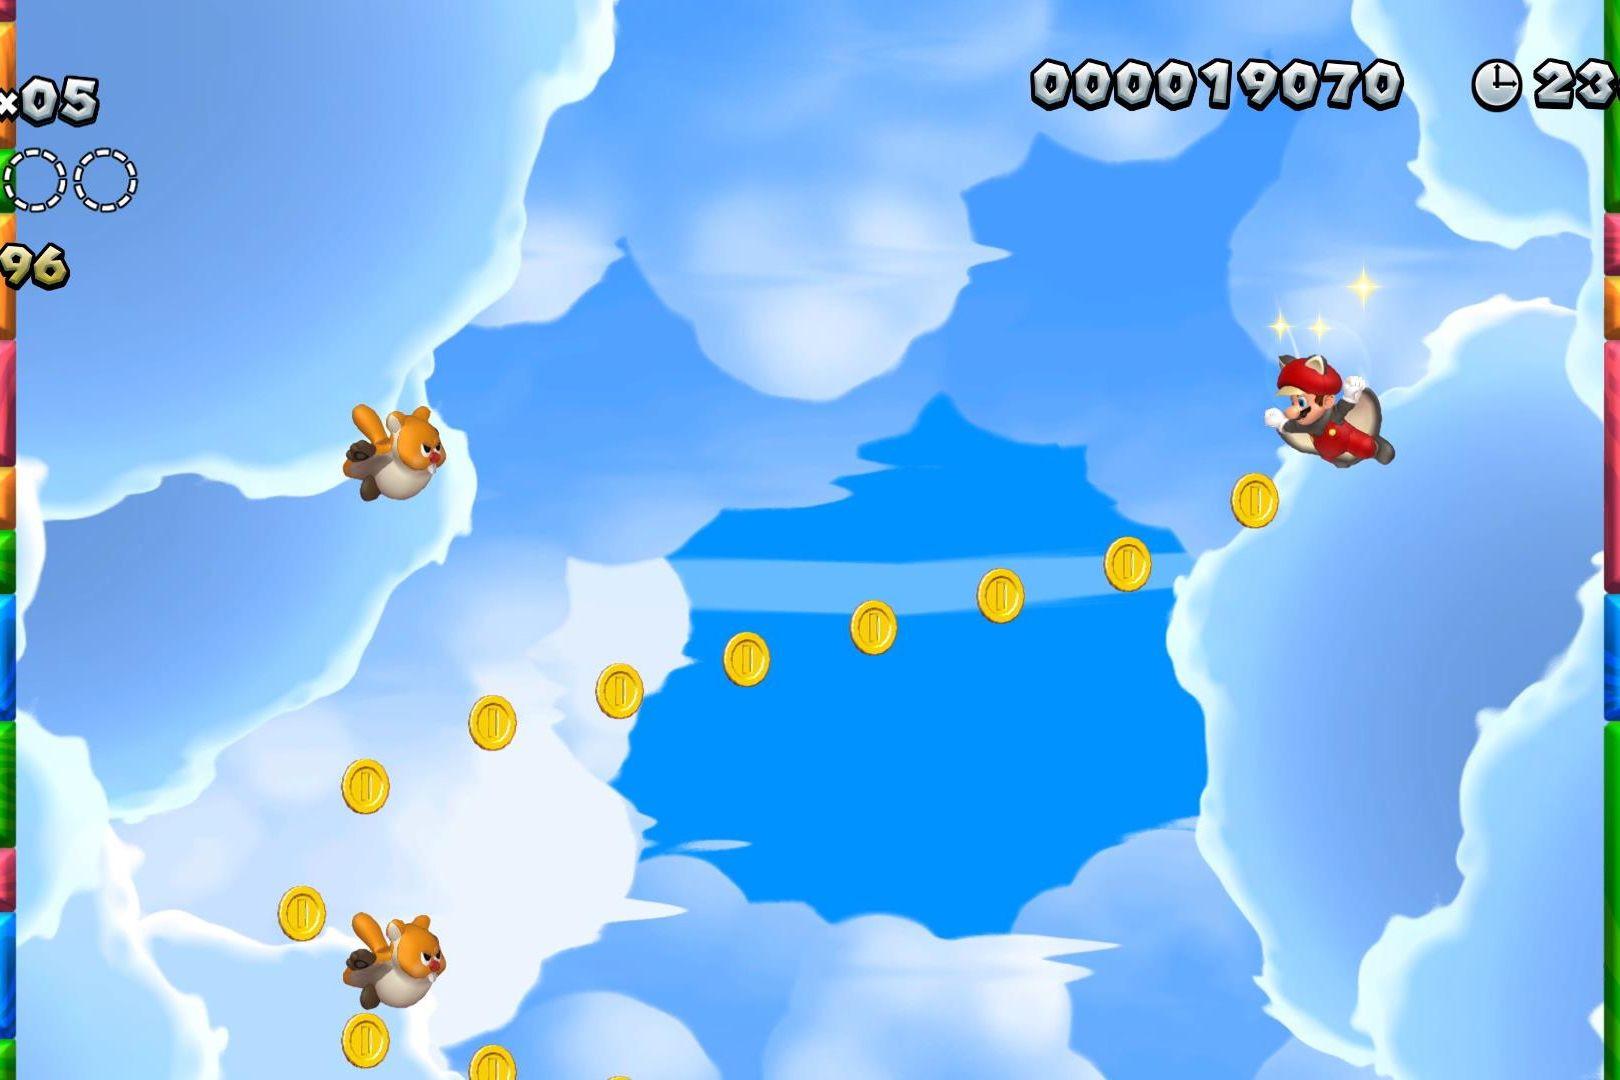 Switch recebe mais um 'Super Mario' no início de 2019